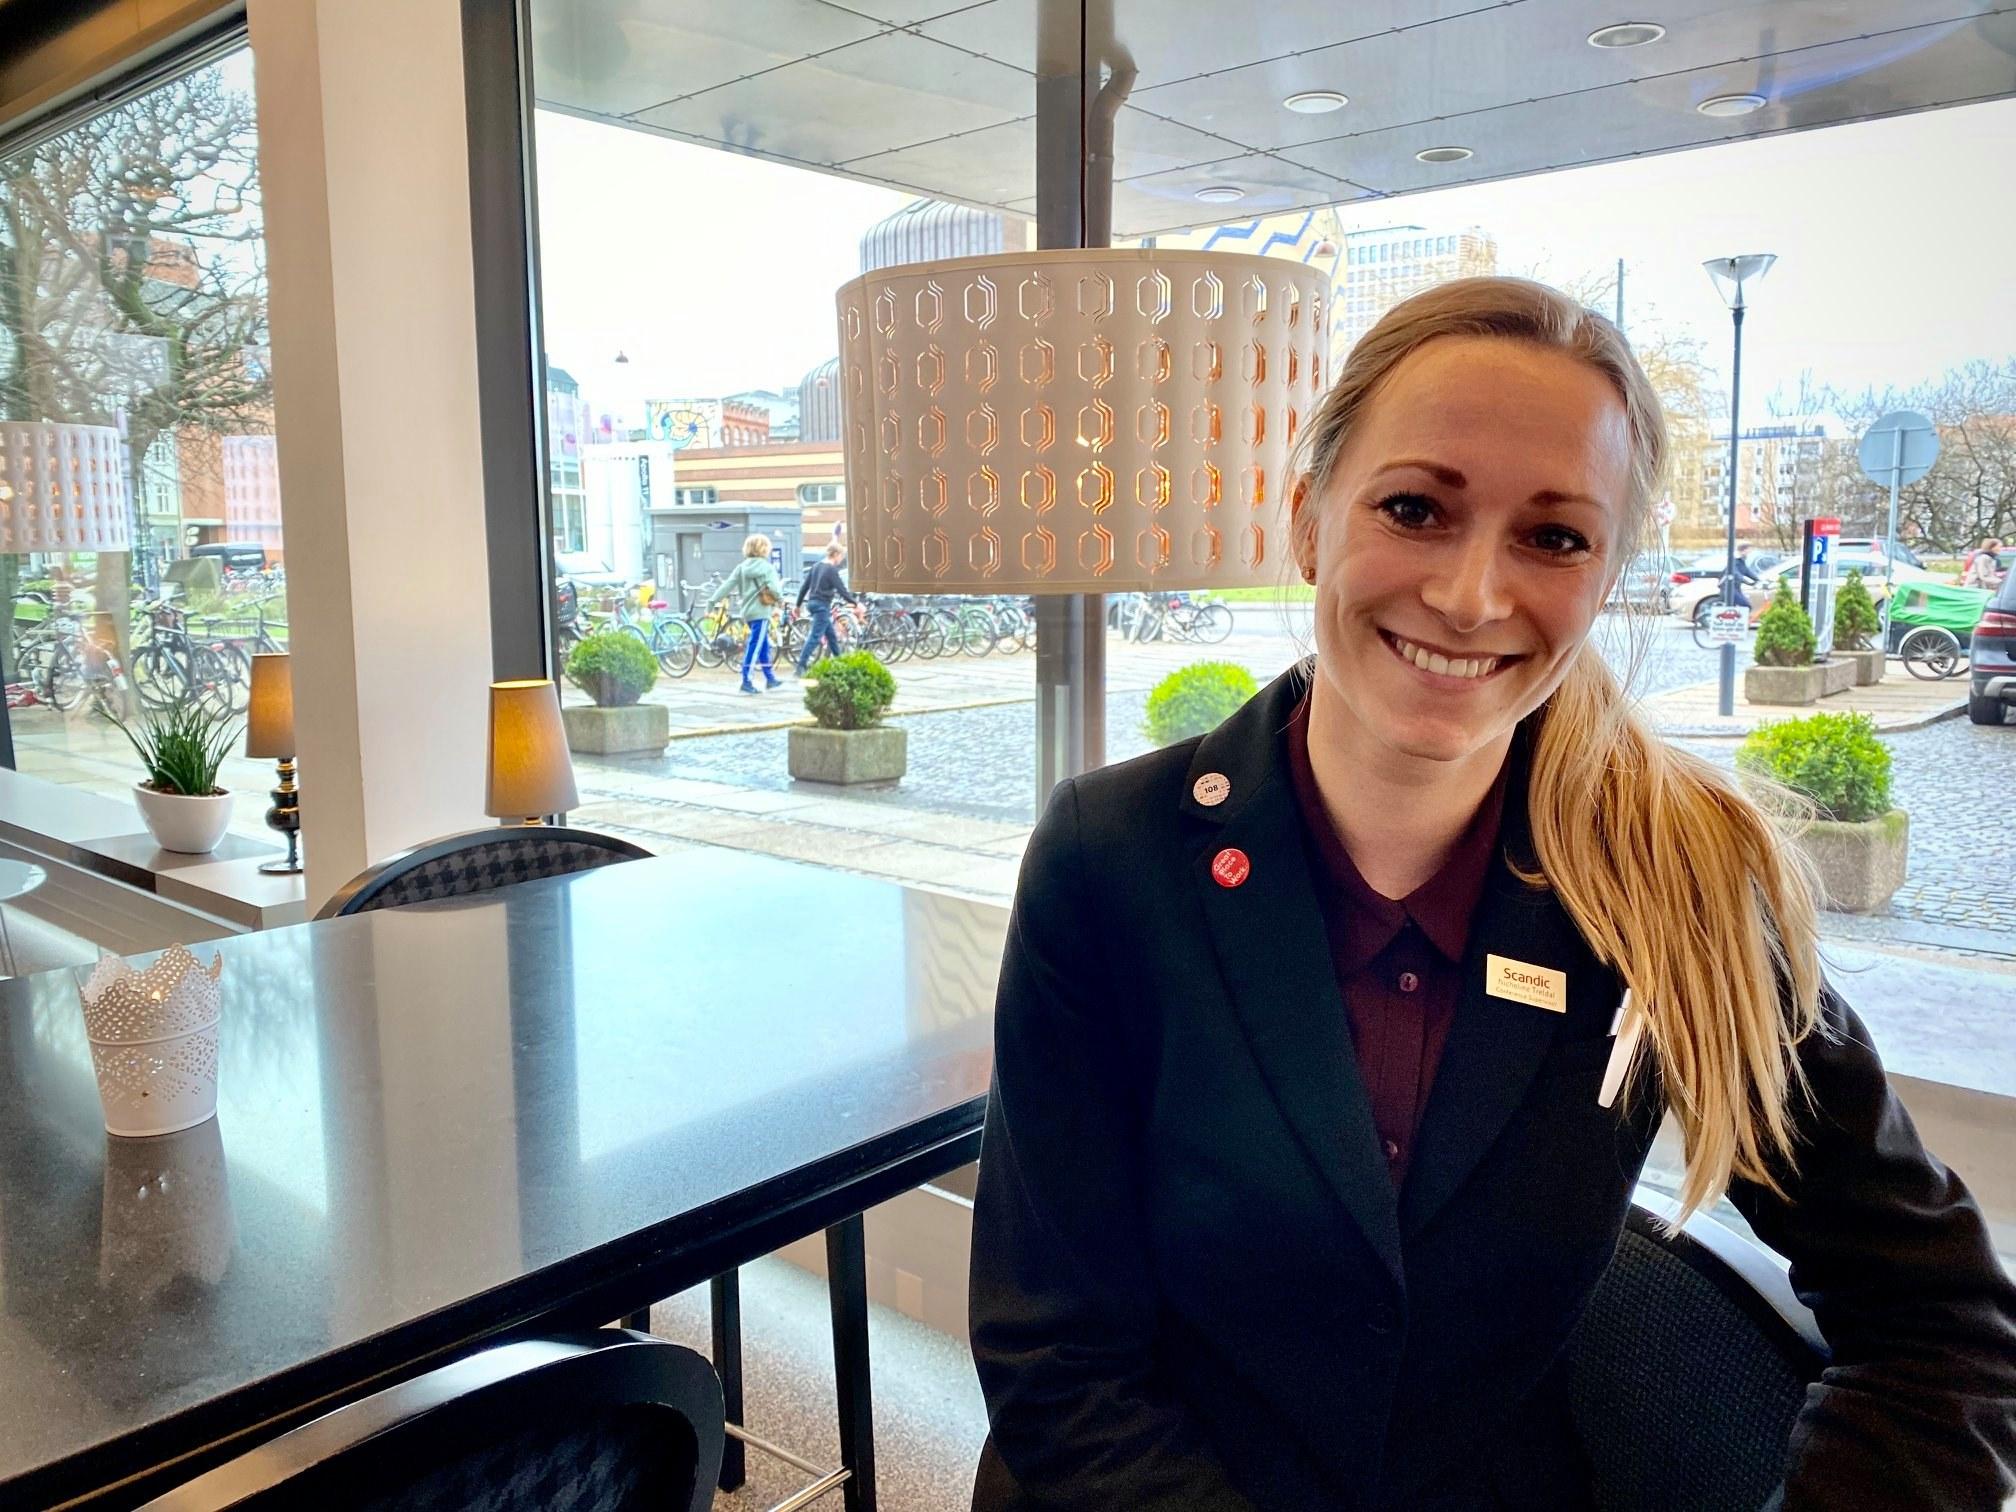 Nicholine Treldal er ny general manager for Scandic Roskilde Park. I alt har Scandic udnævnt fire nye general managers i Danmark. Foto via Scandic Copenhagens Facebook-side.